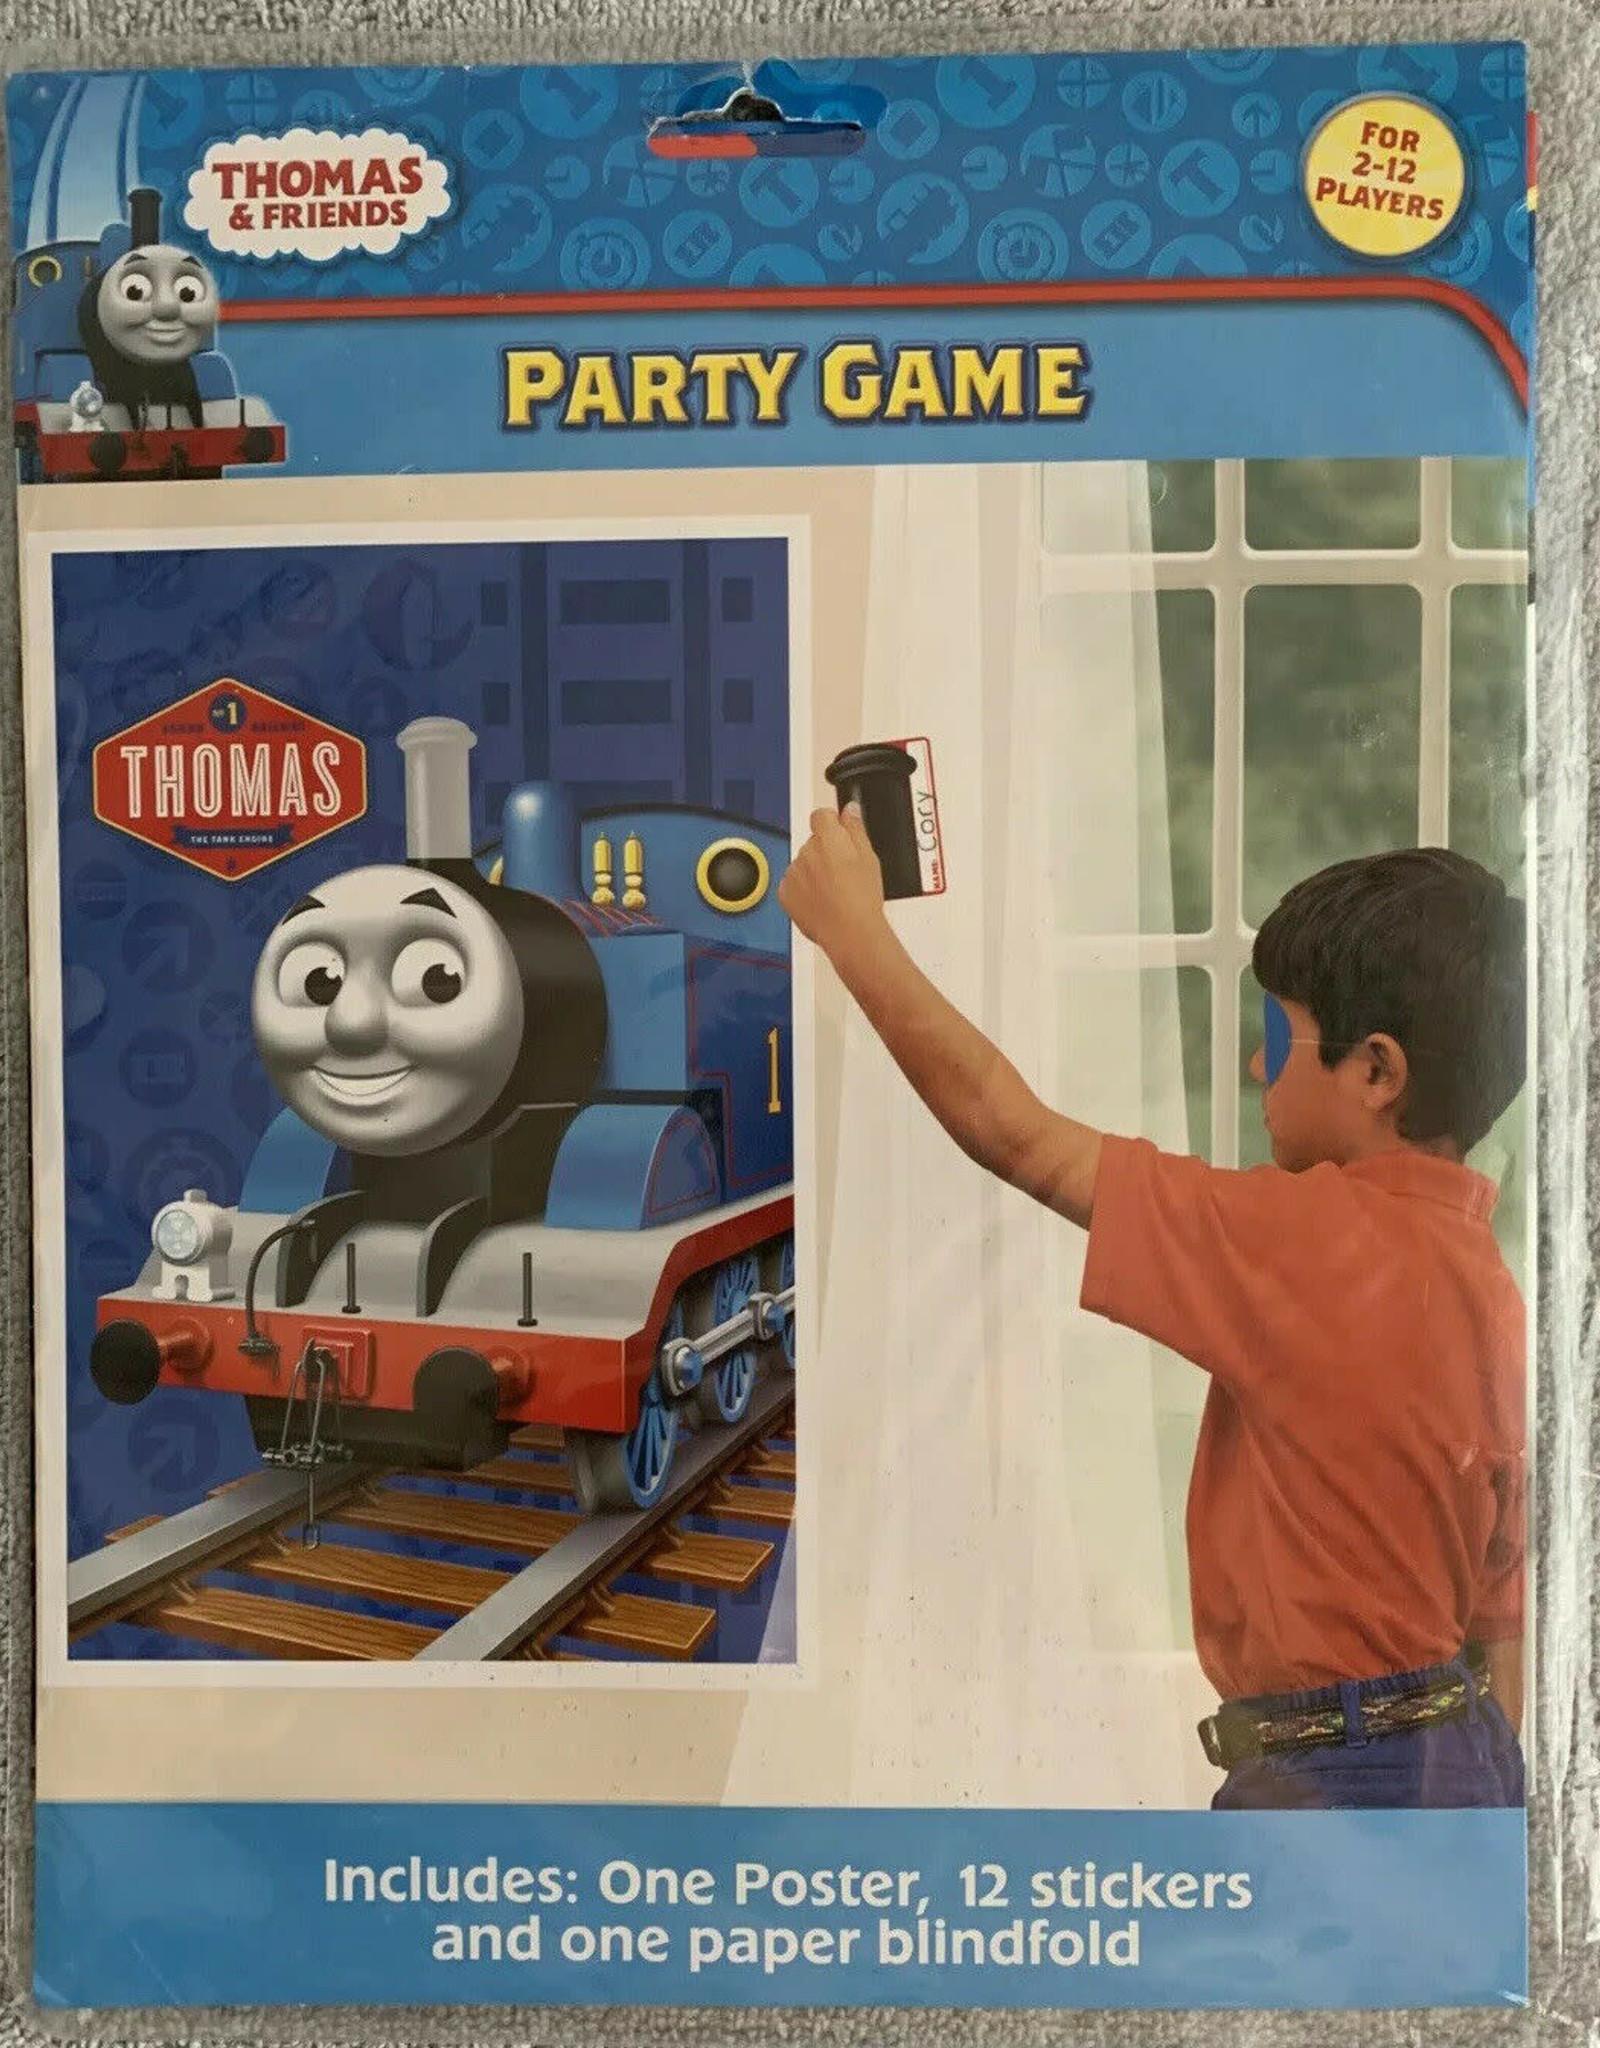 PARTY GAME THOMAS THE TANK